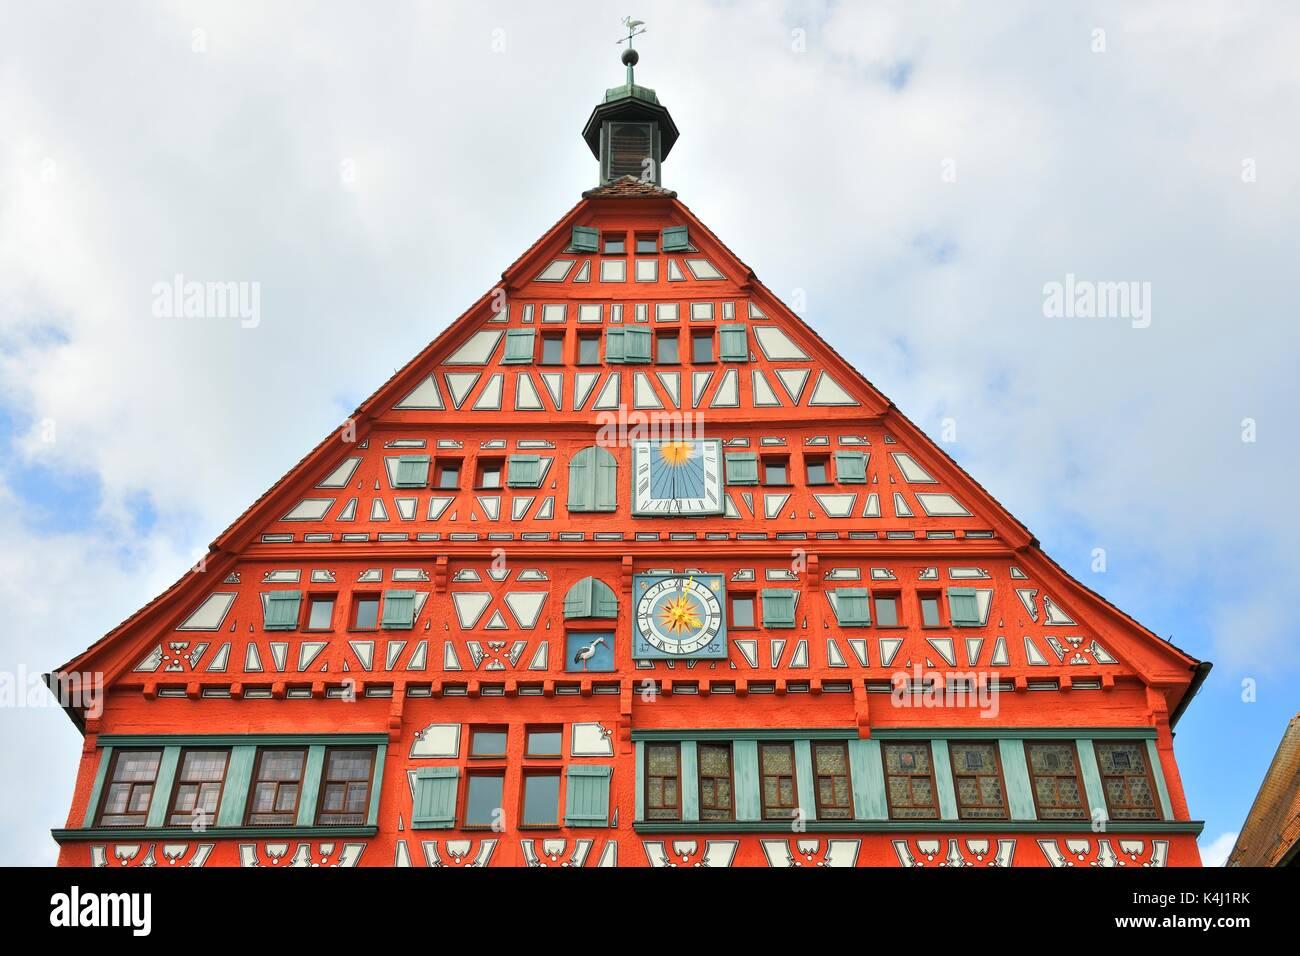 Giebel, Rathaus, historische halbe Fachwerkhaus Haus, Marktplatz, Grossbottwar, Baden-Württemberg, Deutschland Stockbild